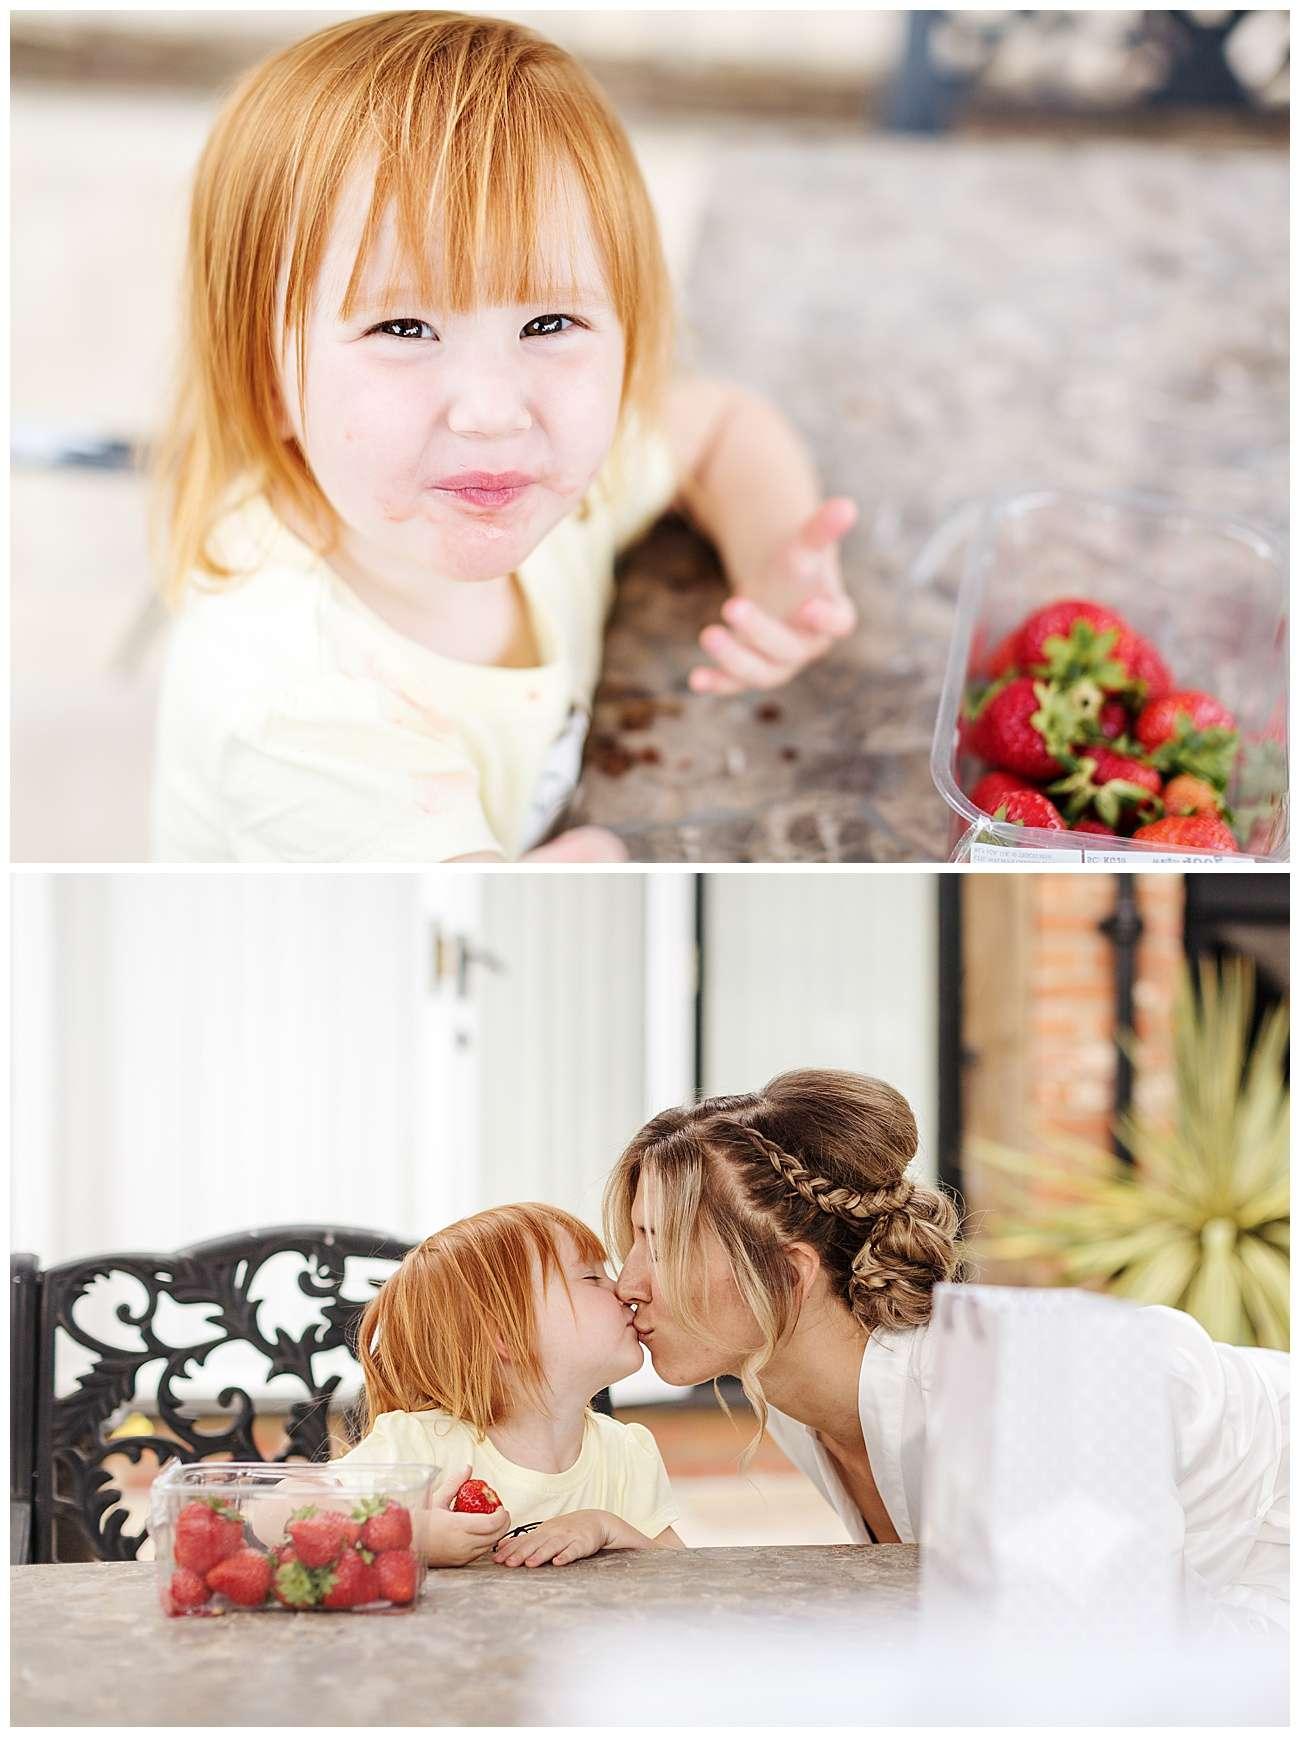 The little flower girl enjoys eating strawberries in the bridal cottage garden